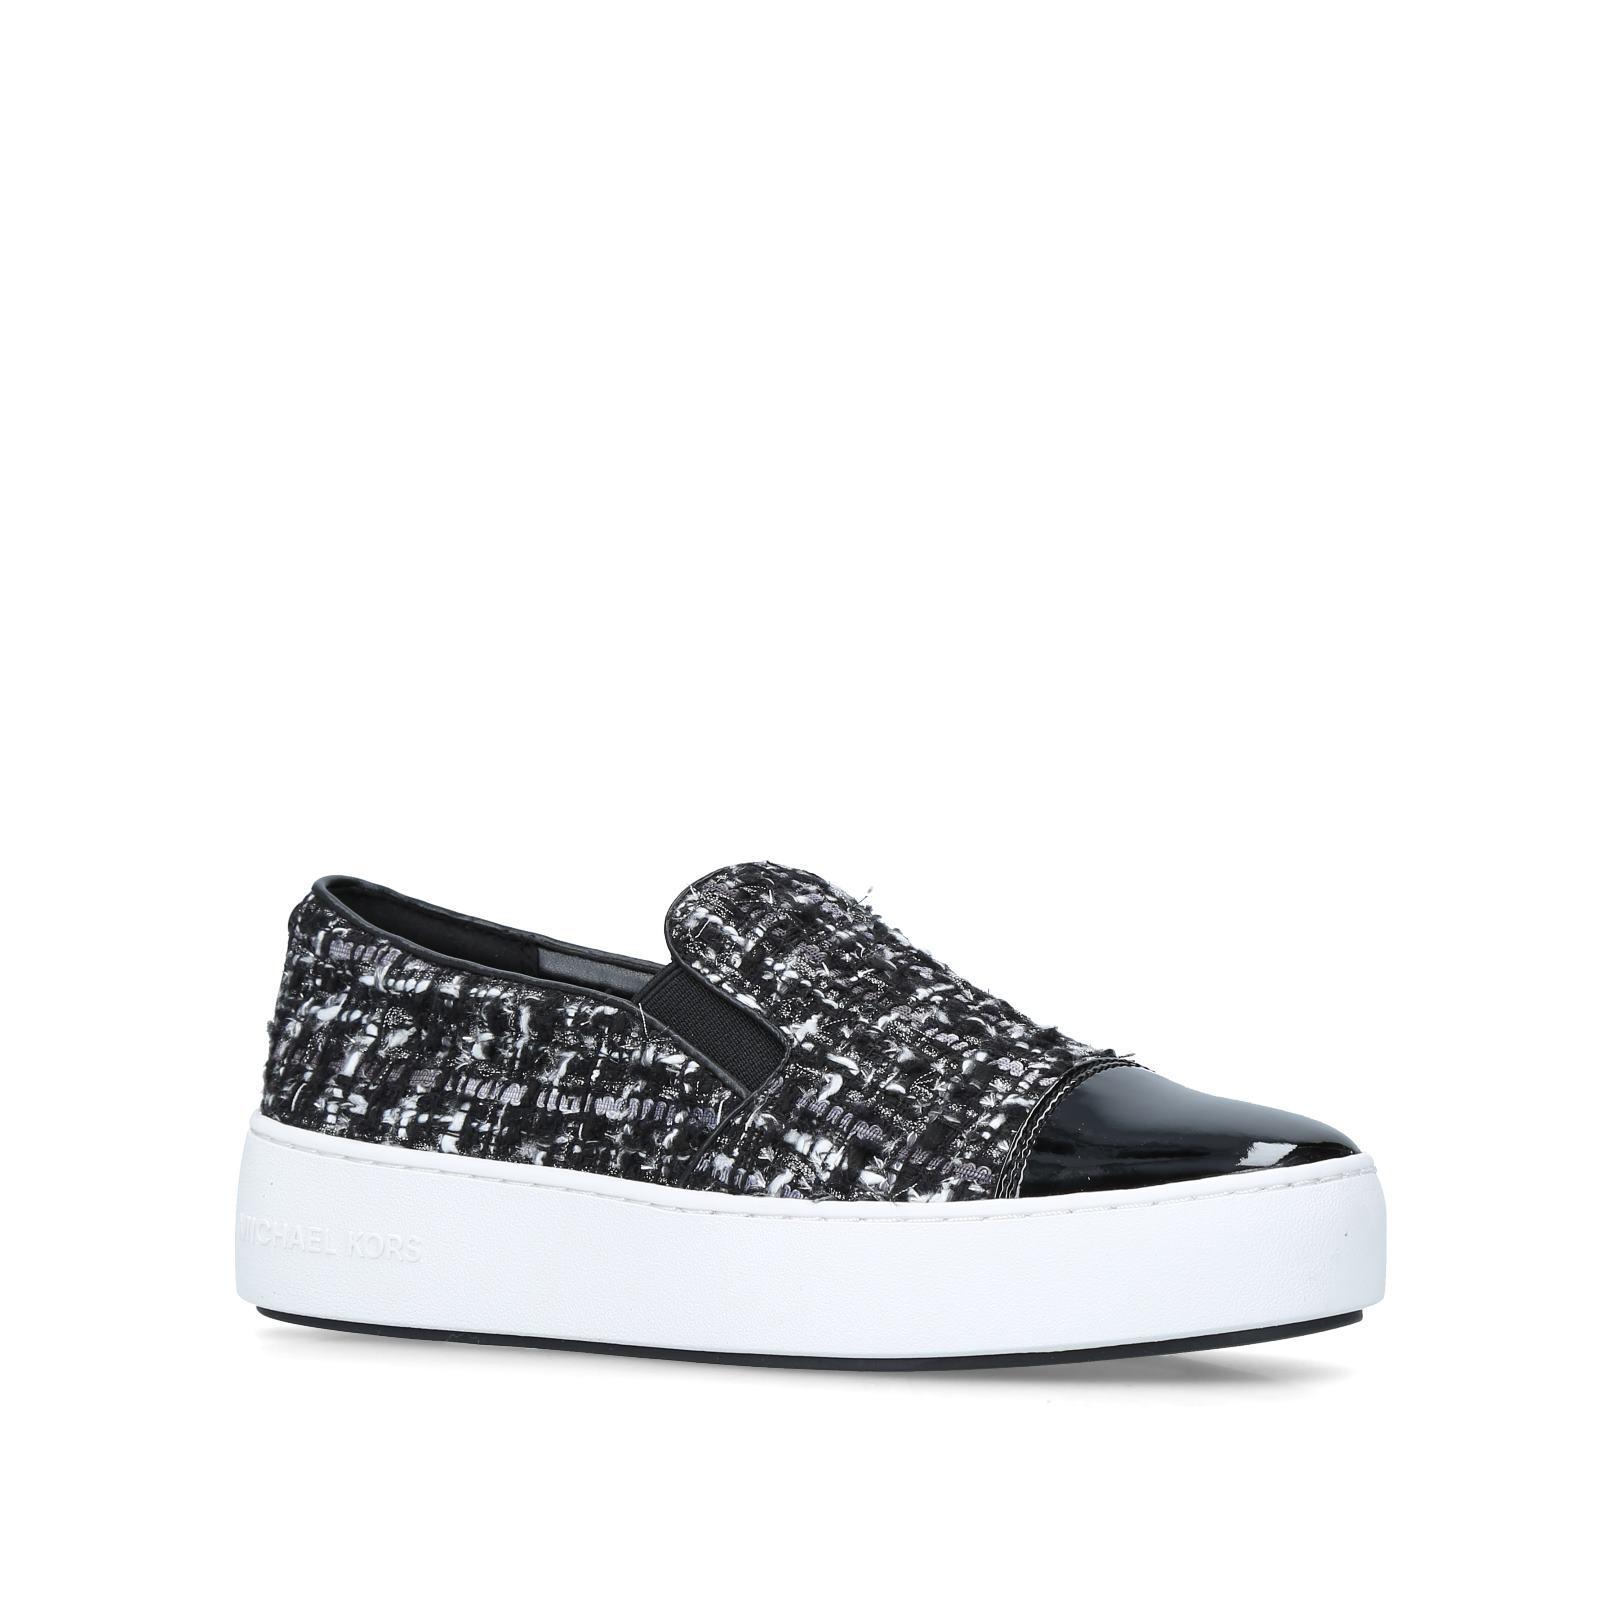 ddf6525dcf4 TIA SLIP ON Tia Slip On No Heel Sneakers Michael Michael Kors Blk ...